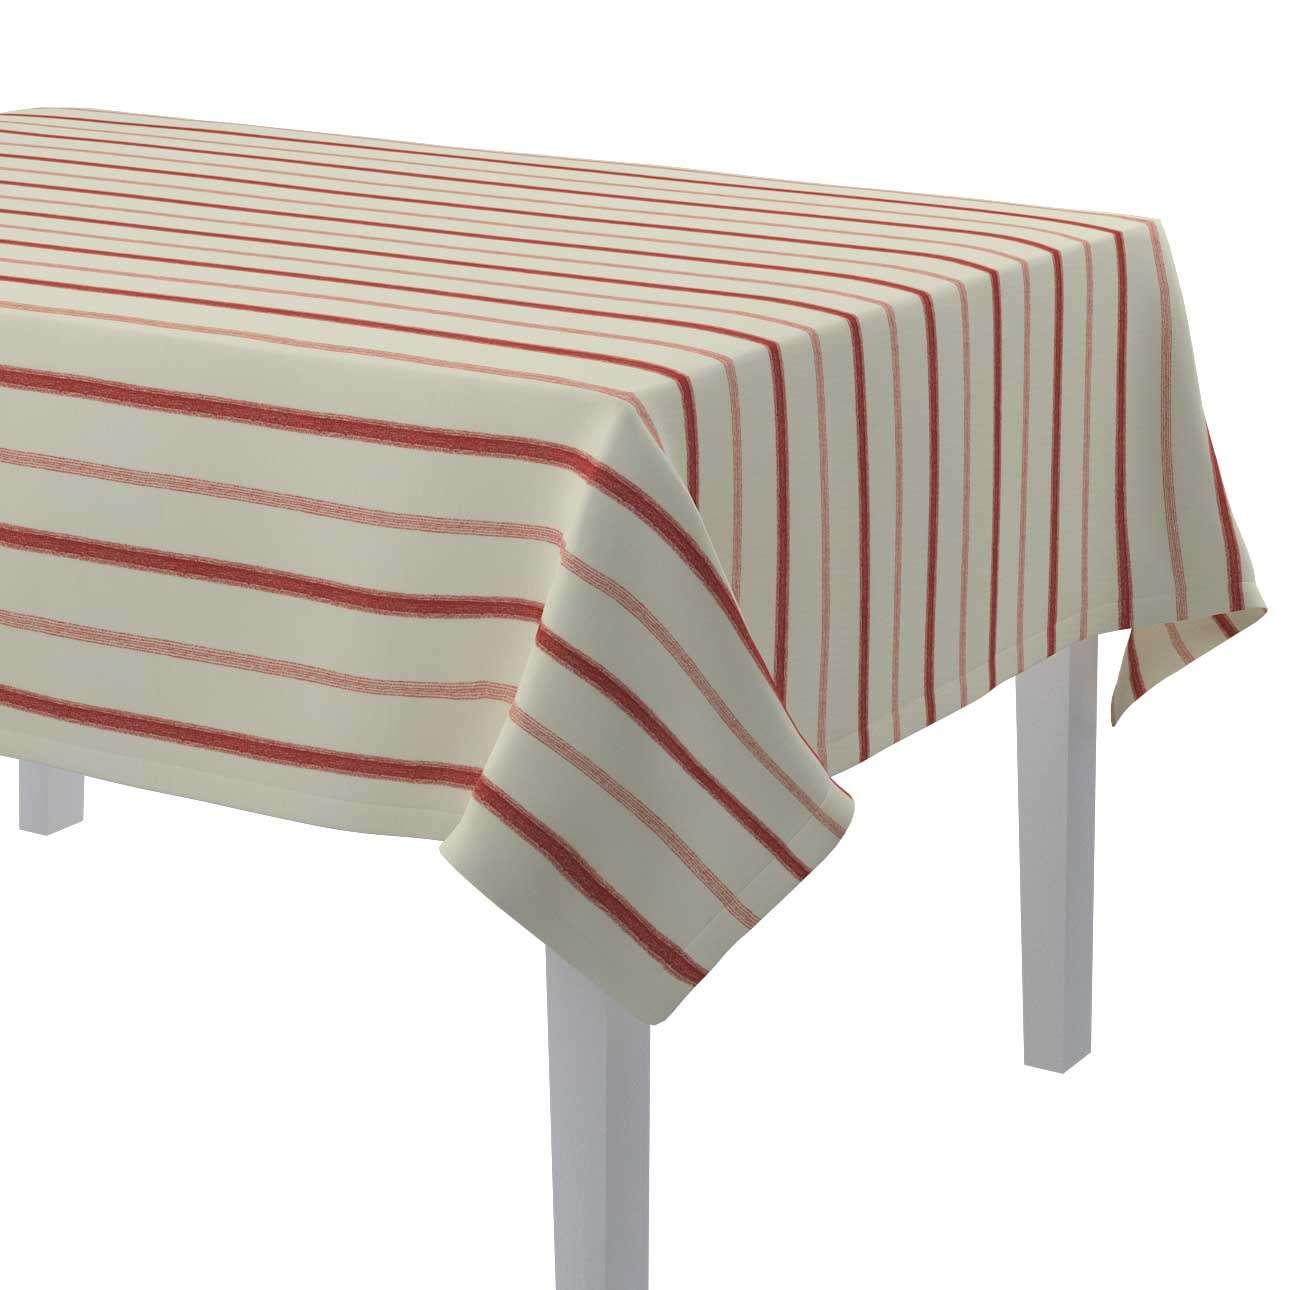 Rektangulære borddug fra kollektionen Avinon, Stof: 129-15